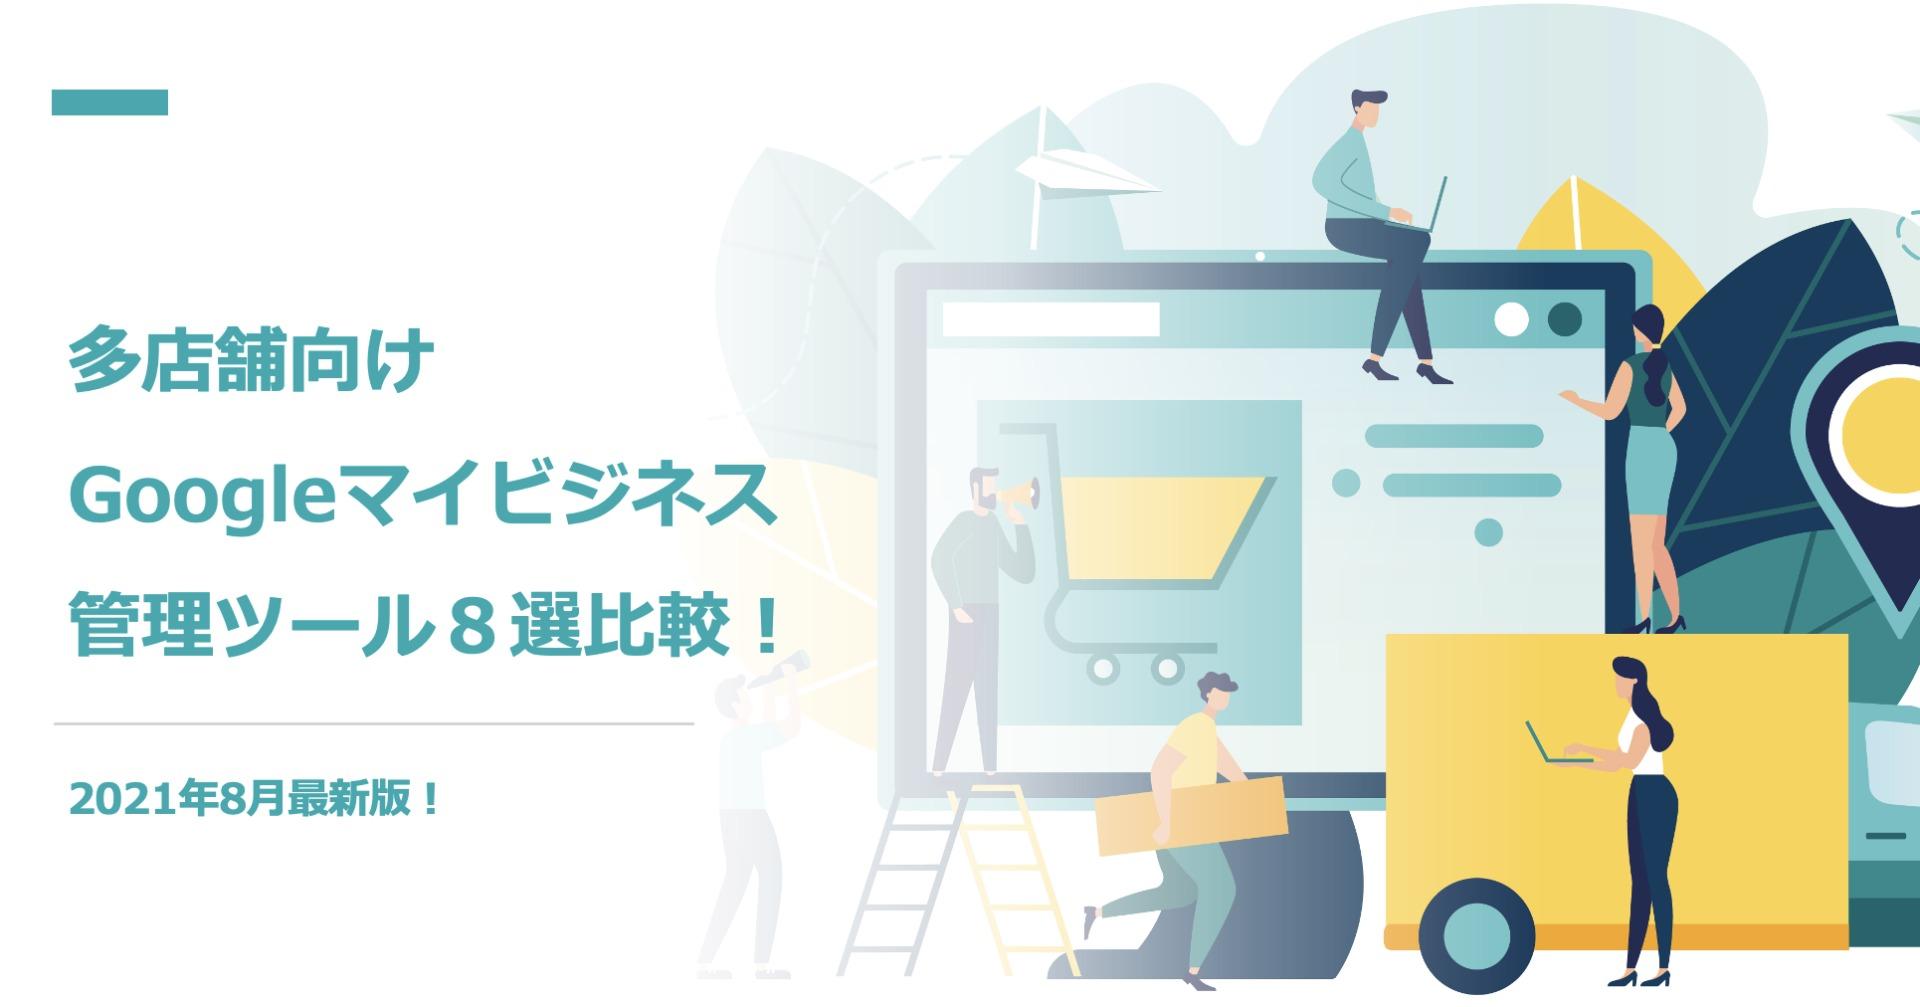 多店舗向けGoogleマイビジネス管理ツール